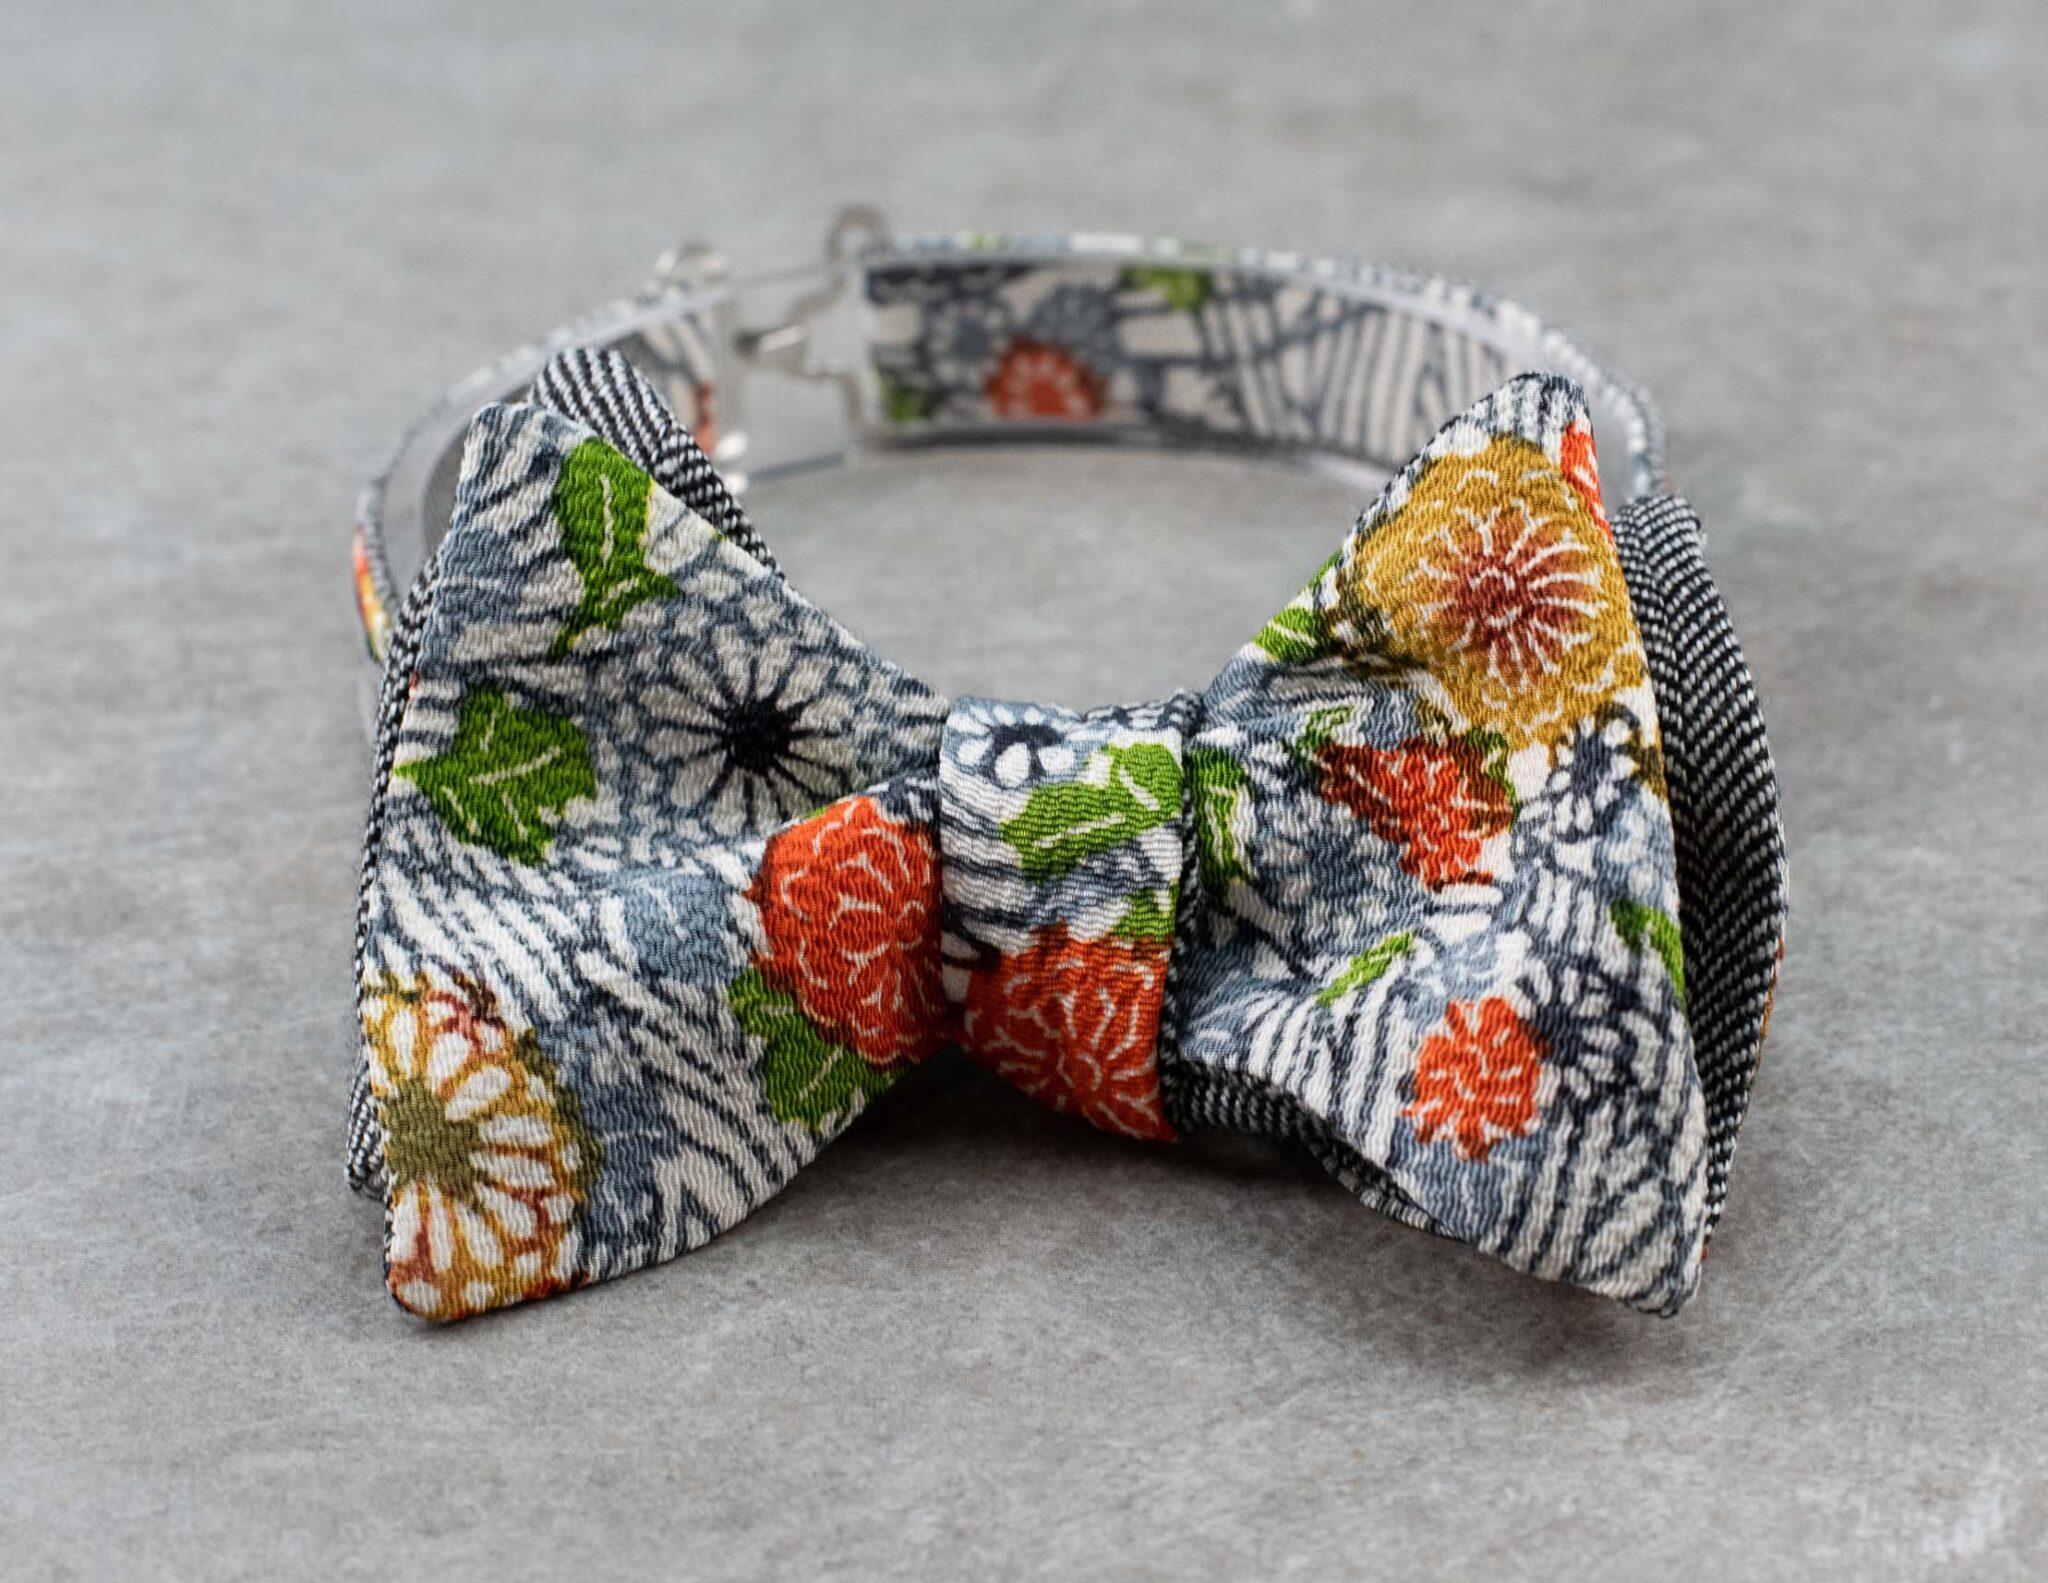 Papillon da uomo sartoriale da annodare - Seta giapponese ricavata da un kimono vintage fantasia floreale grigio da cerimonia 100% Made in Italy